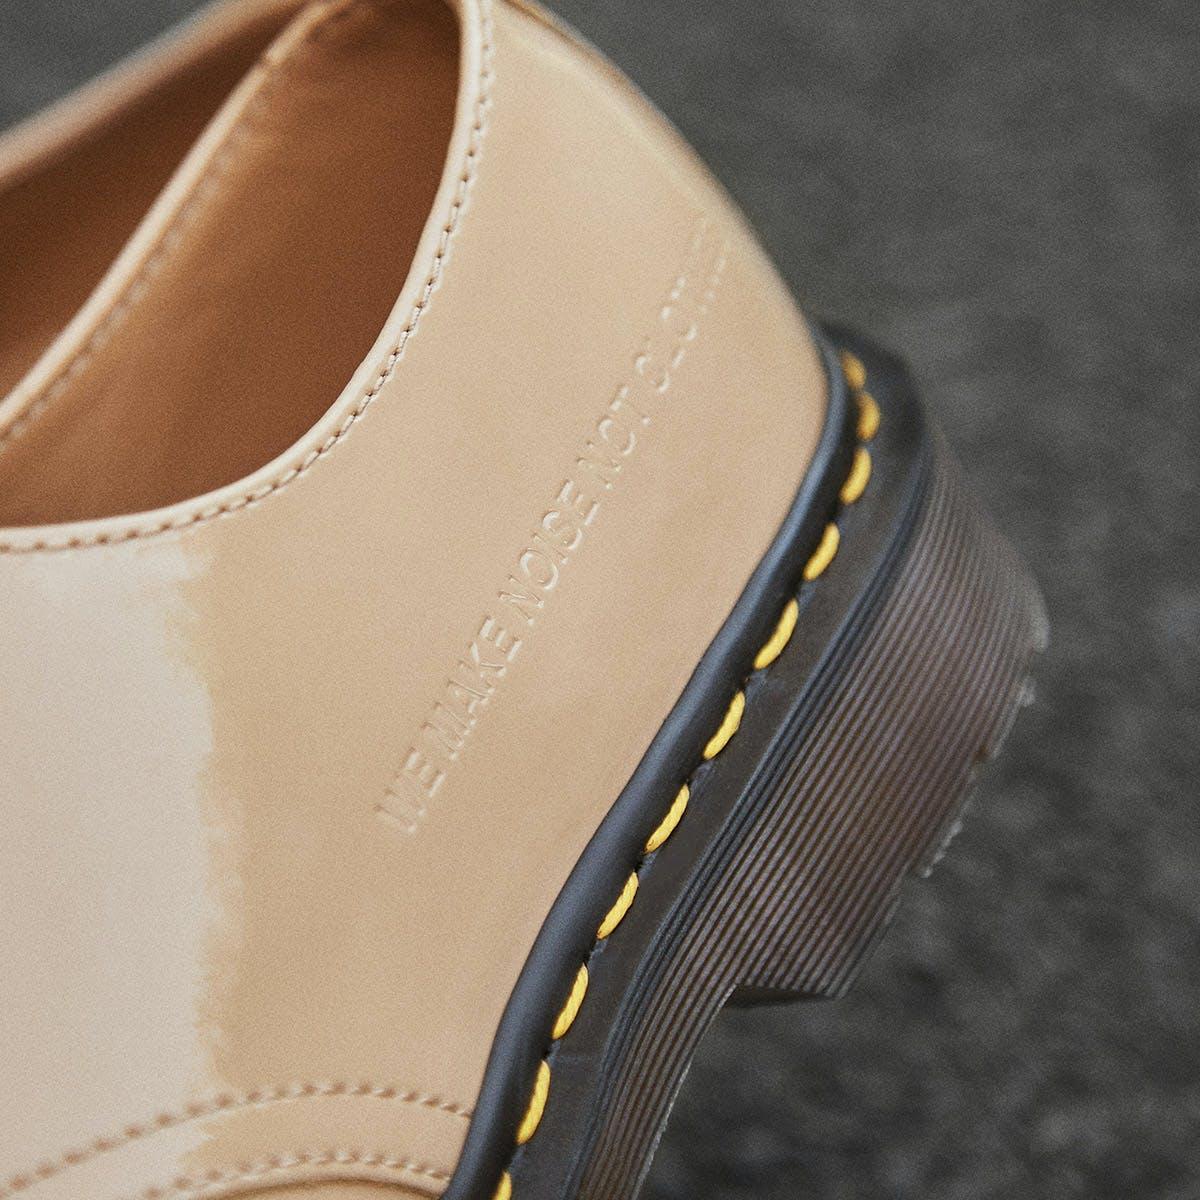 Dr. Martens x Undercover 1461 Shoe - 25581250